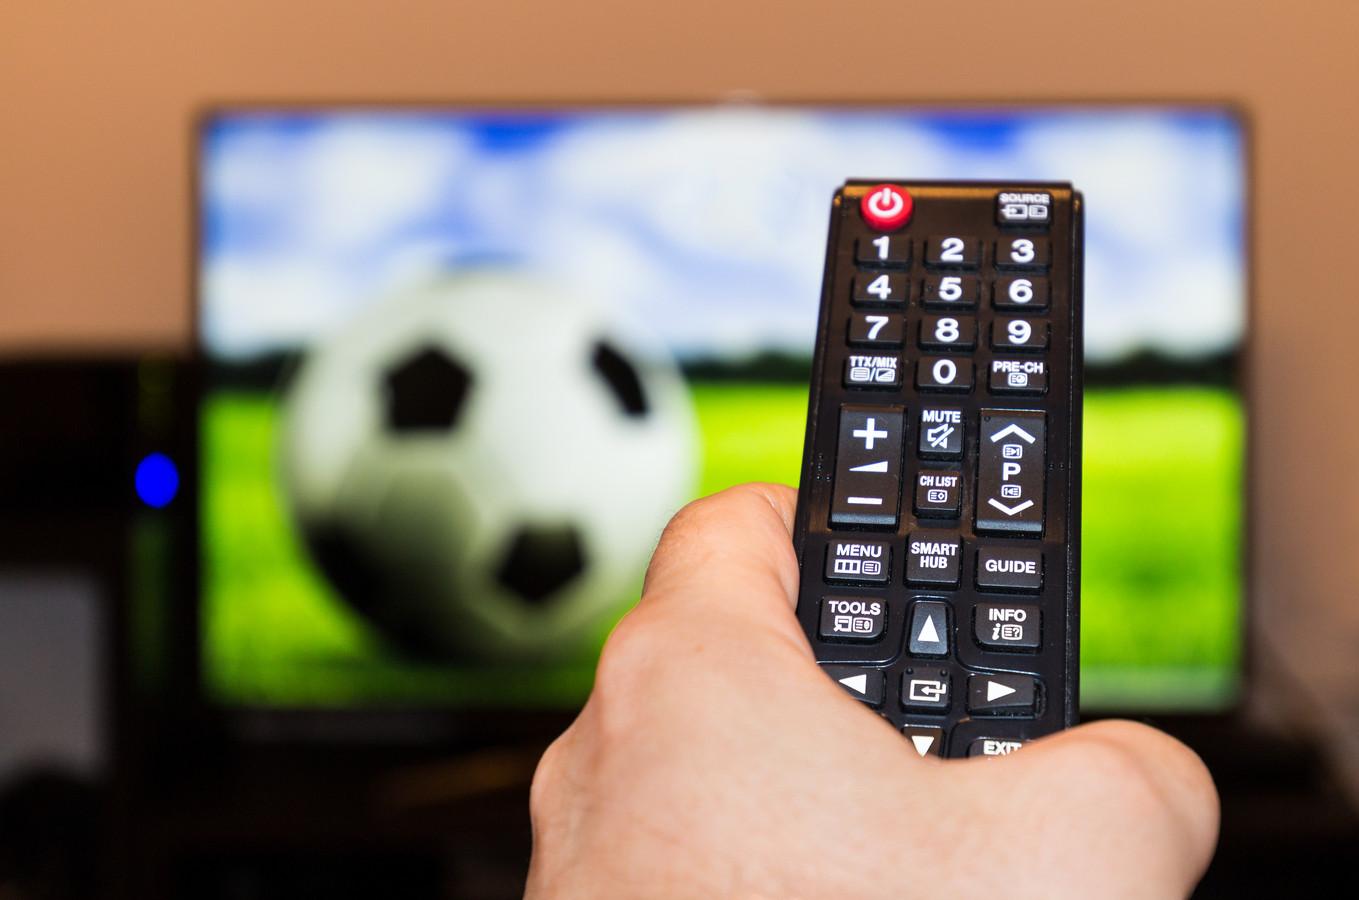 De tv-gelden zijn verdeeld